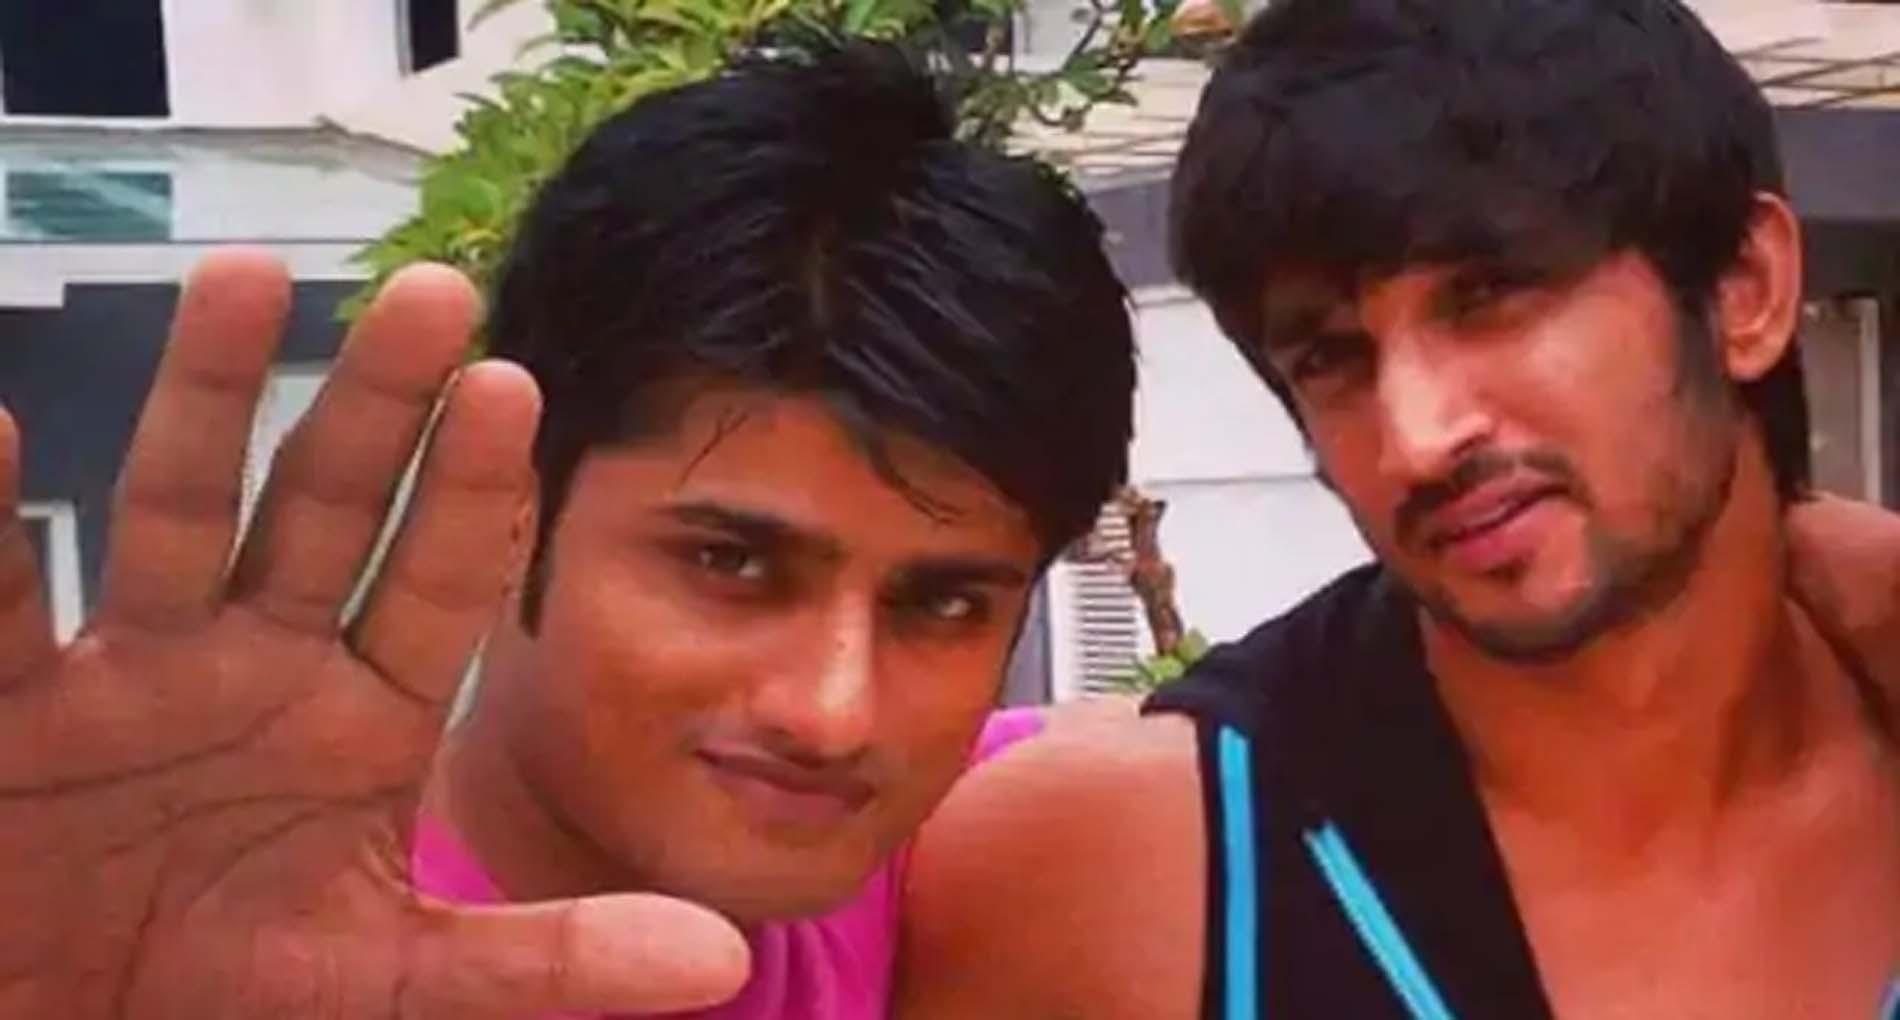 सुशांत केस: संदीप सिंह ने सुशांत के साथ हुई चैट के स्क्रीनशॉट्सकिये शेयर, कहा- सॉरी भाई